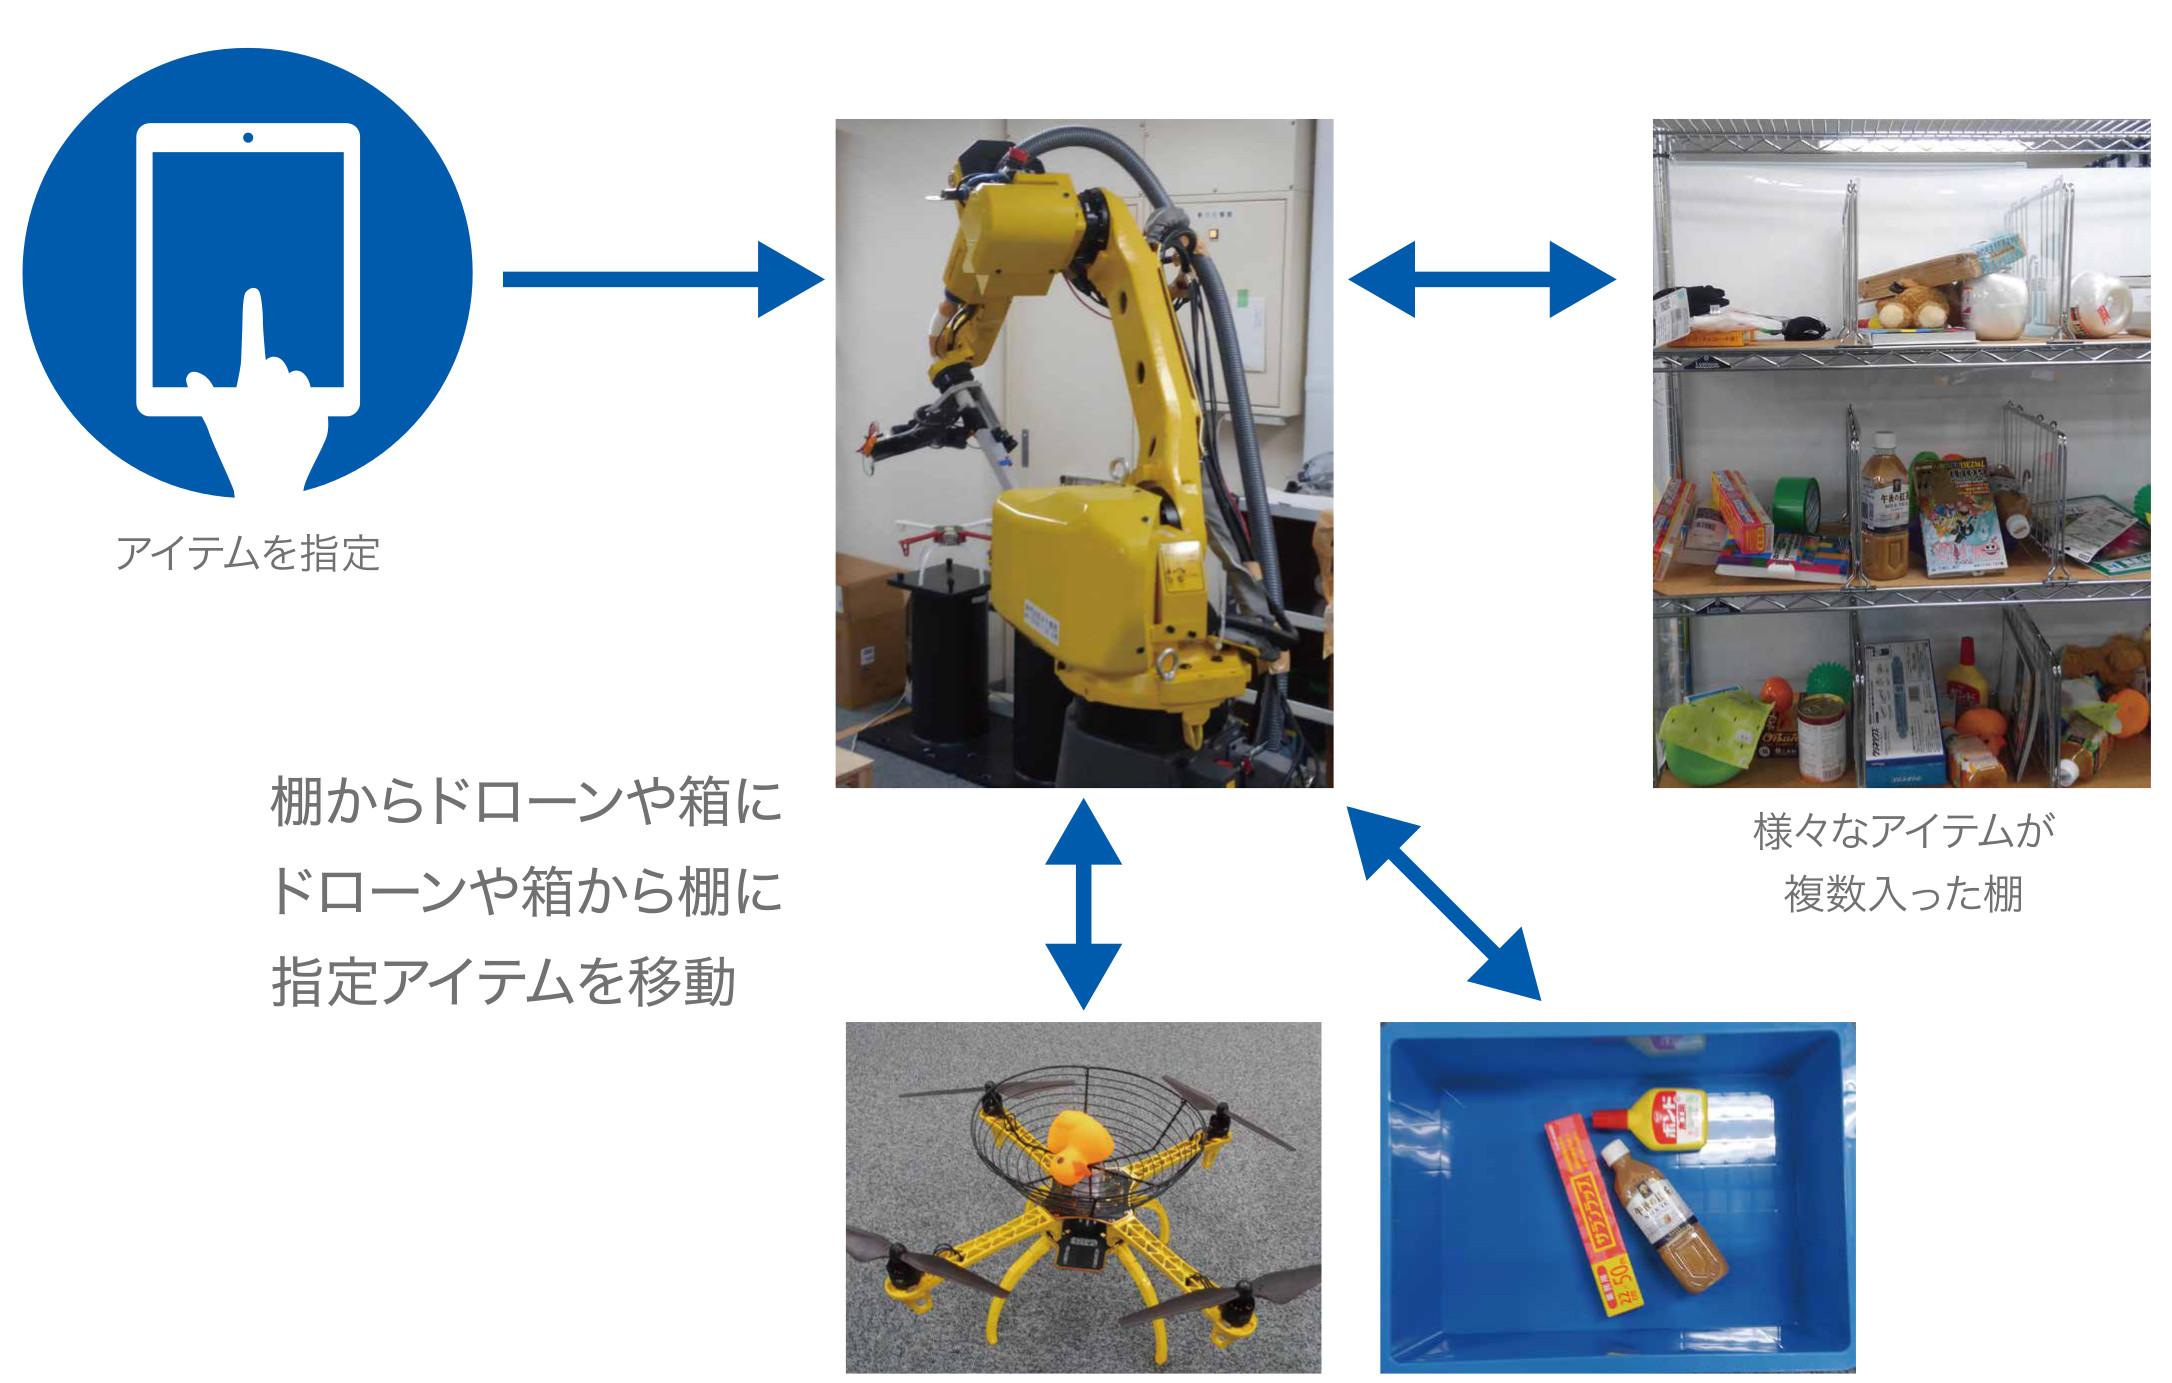 CEATEC2016に出展してきました 〜ロボット編〜